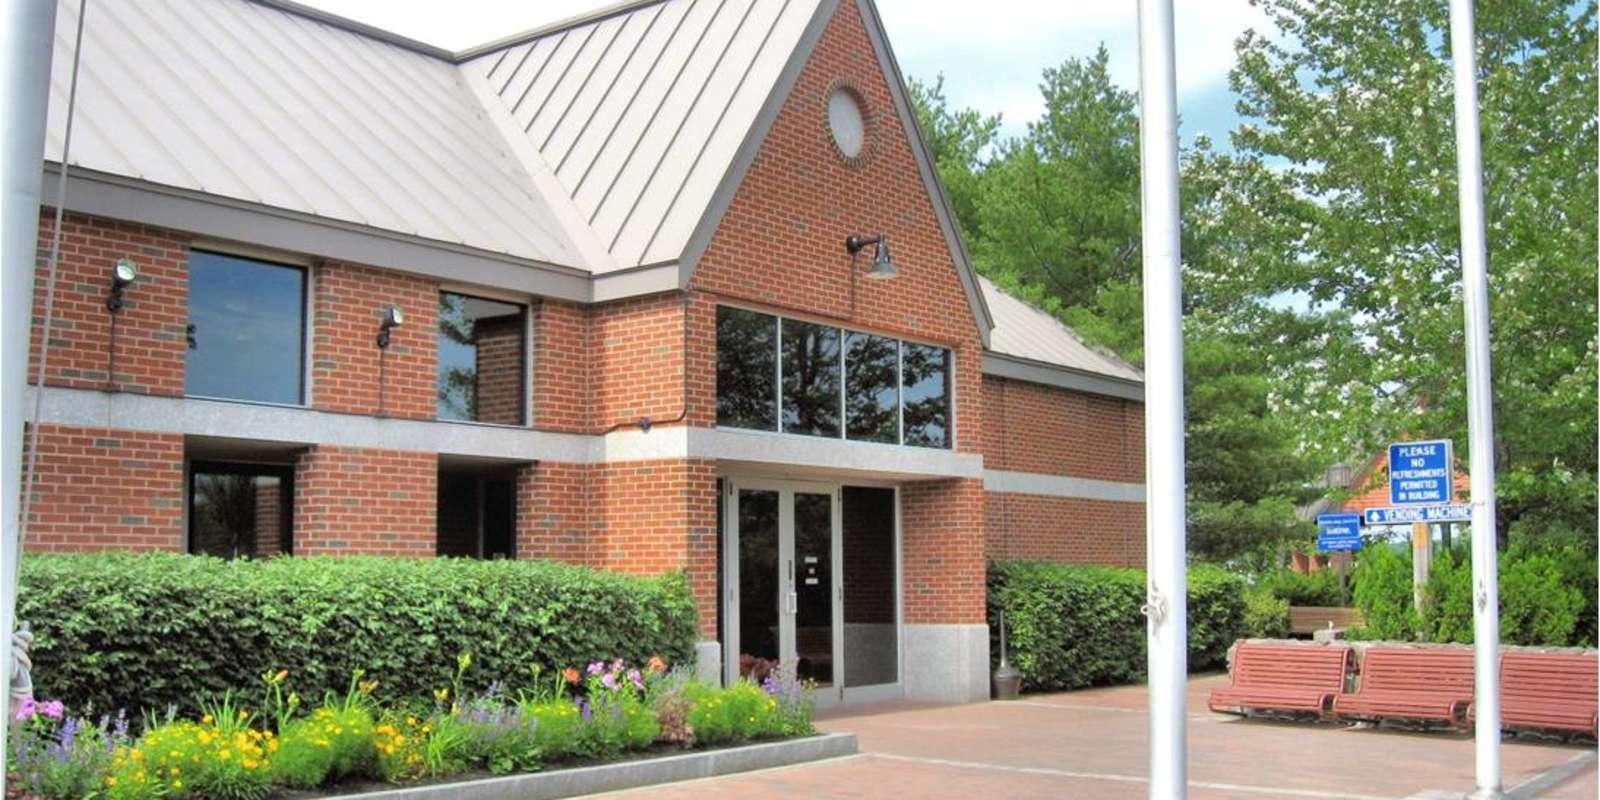 Maine information center